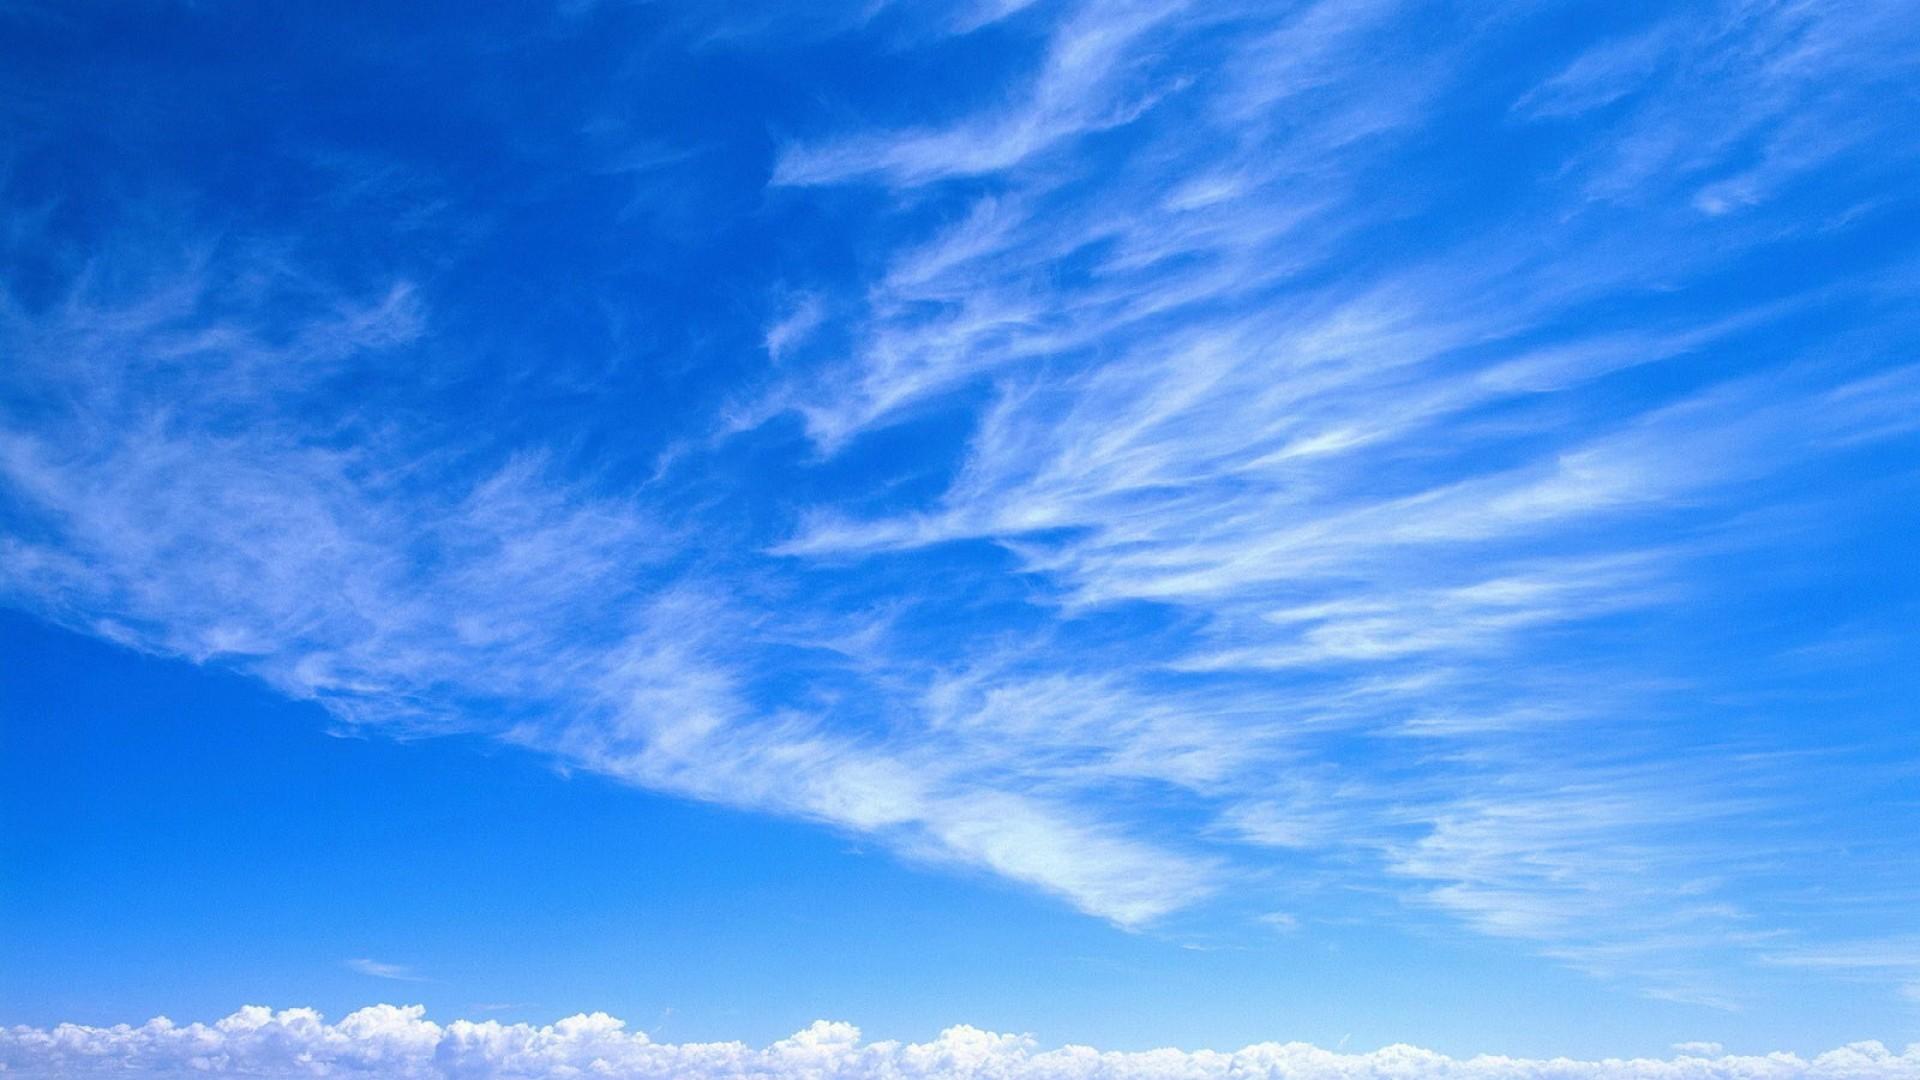 Preview sky